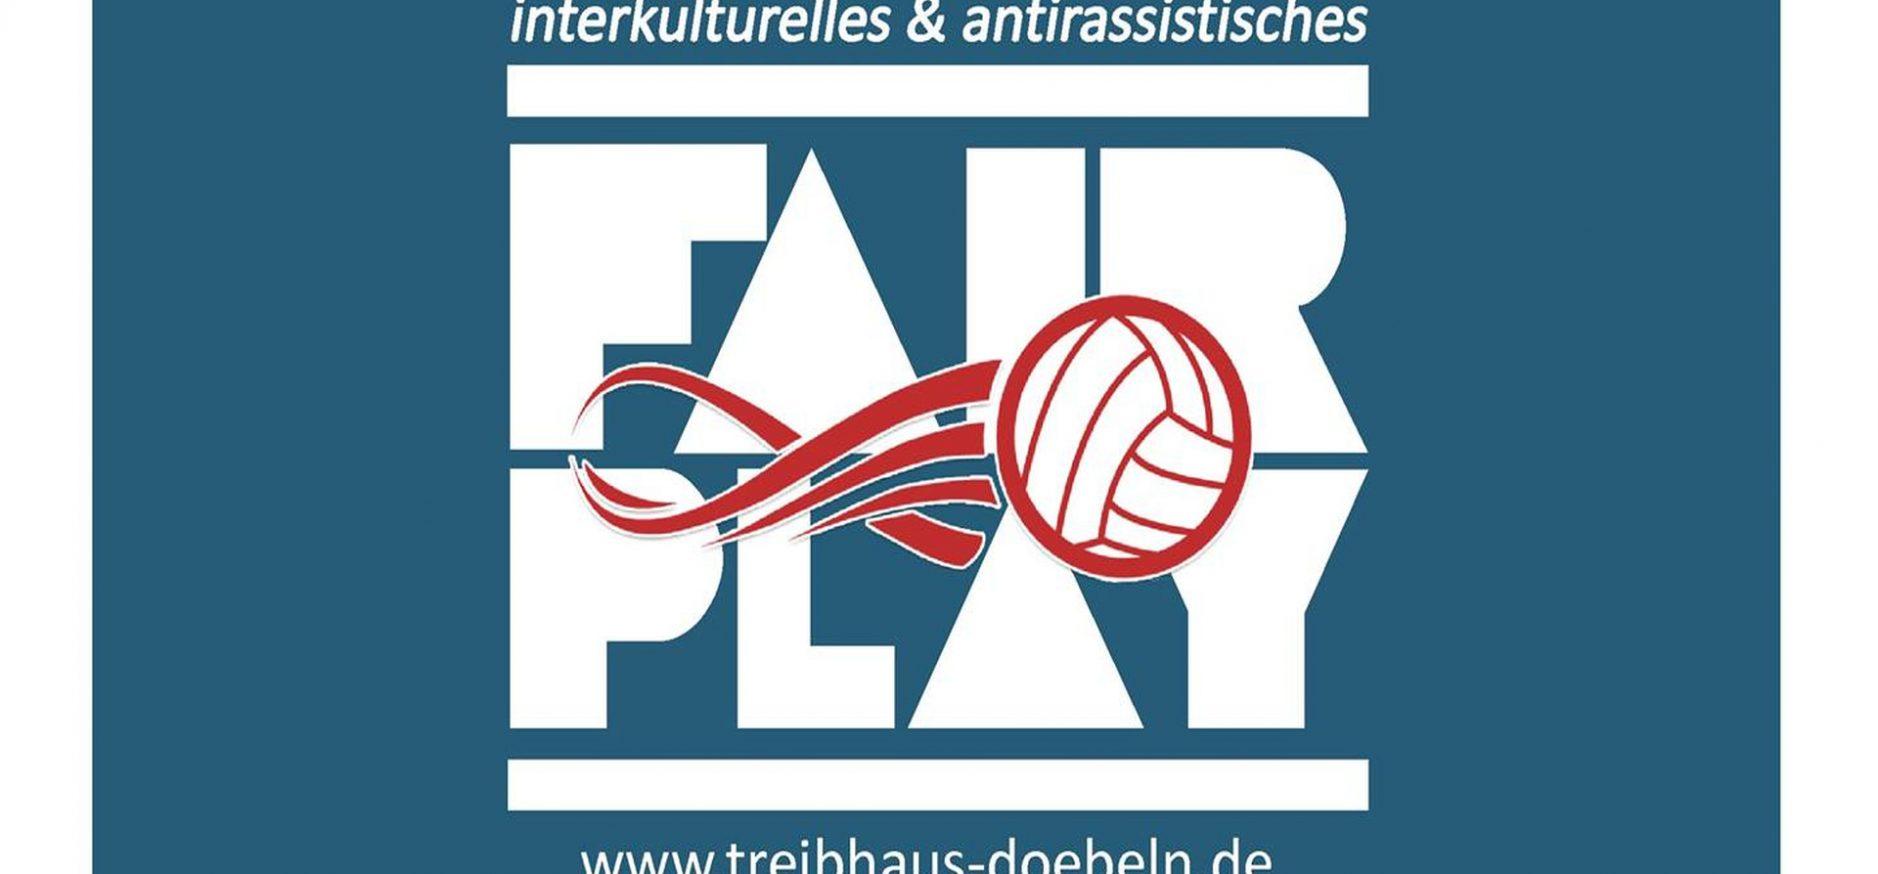 FAIRplay: Auch in diesem Jahr wird wieder Sport gemacht